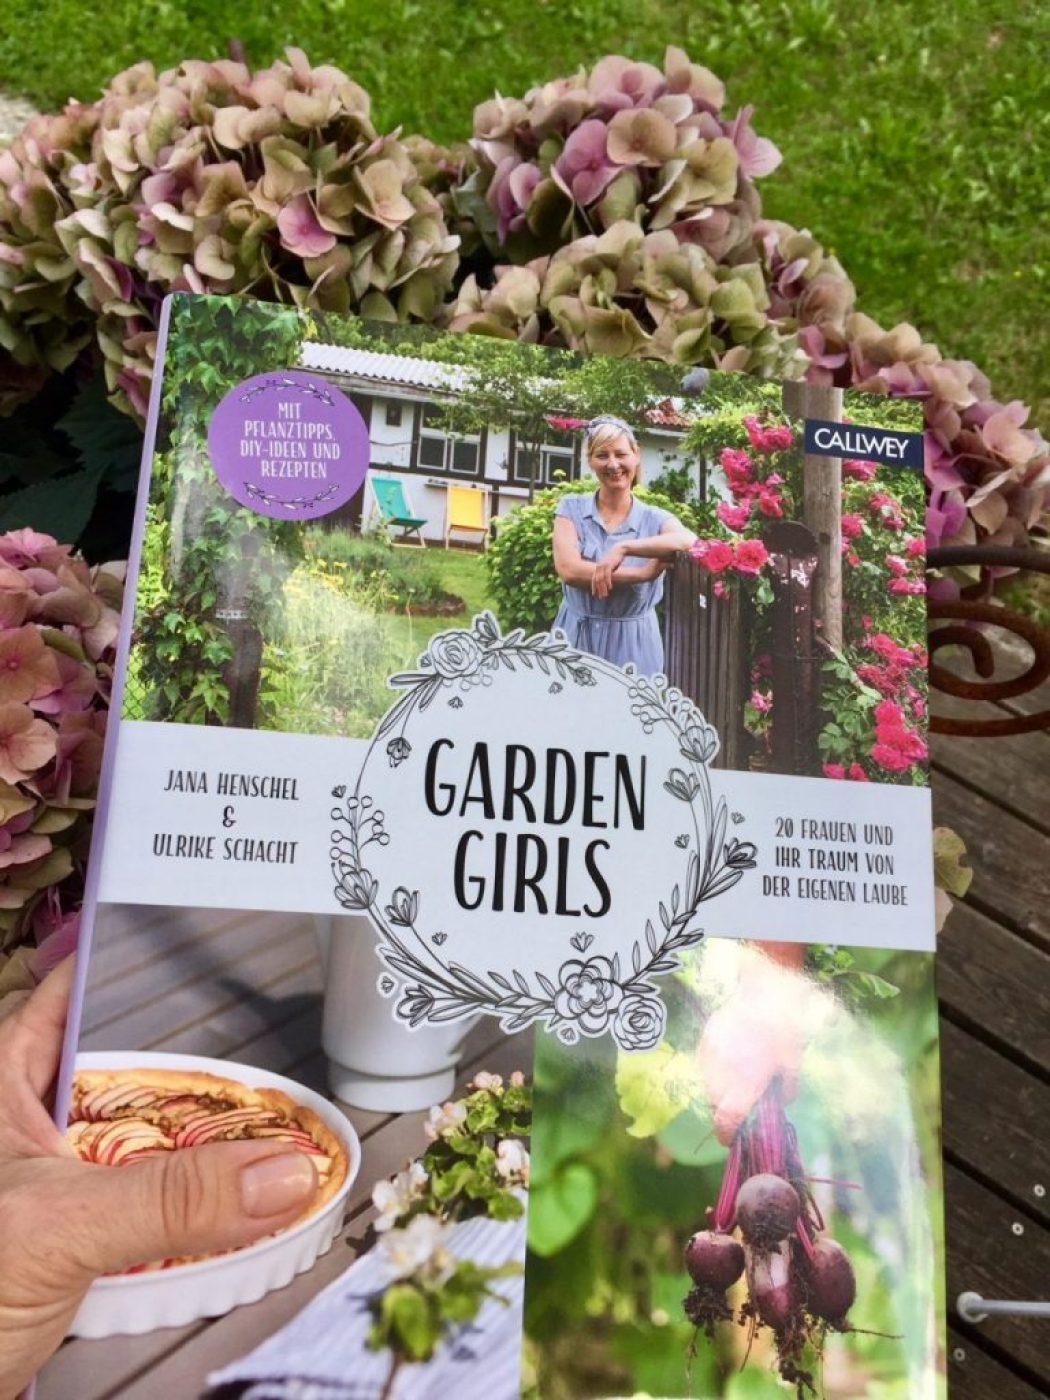 sonntag ist lesetag. garden girls!